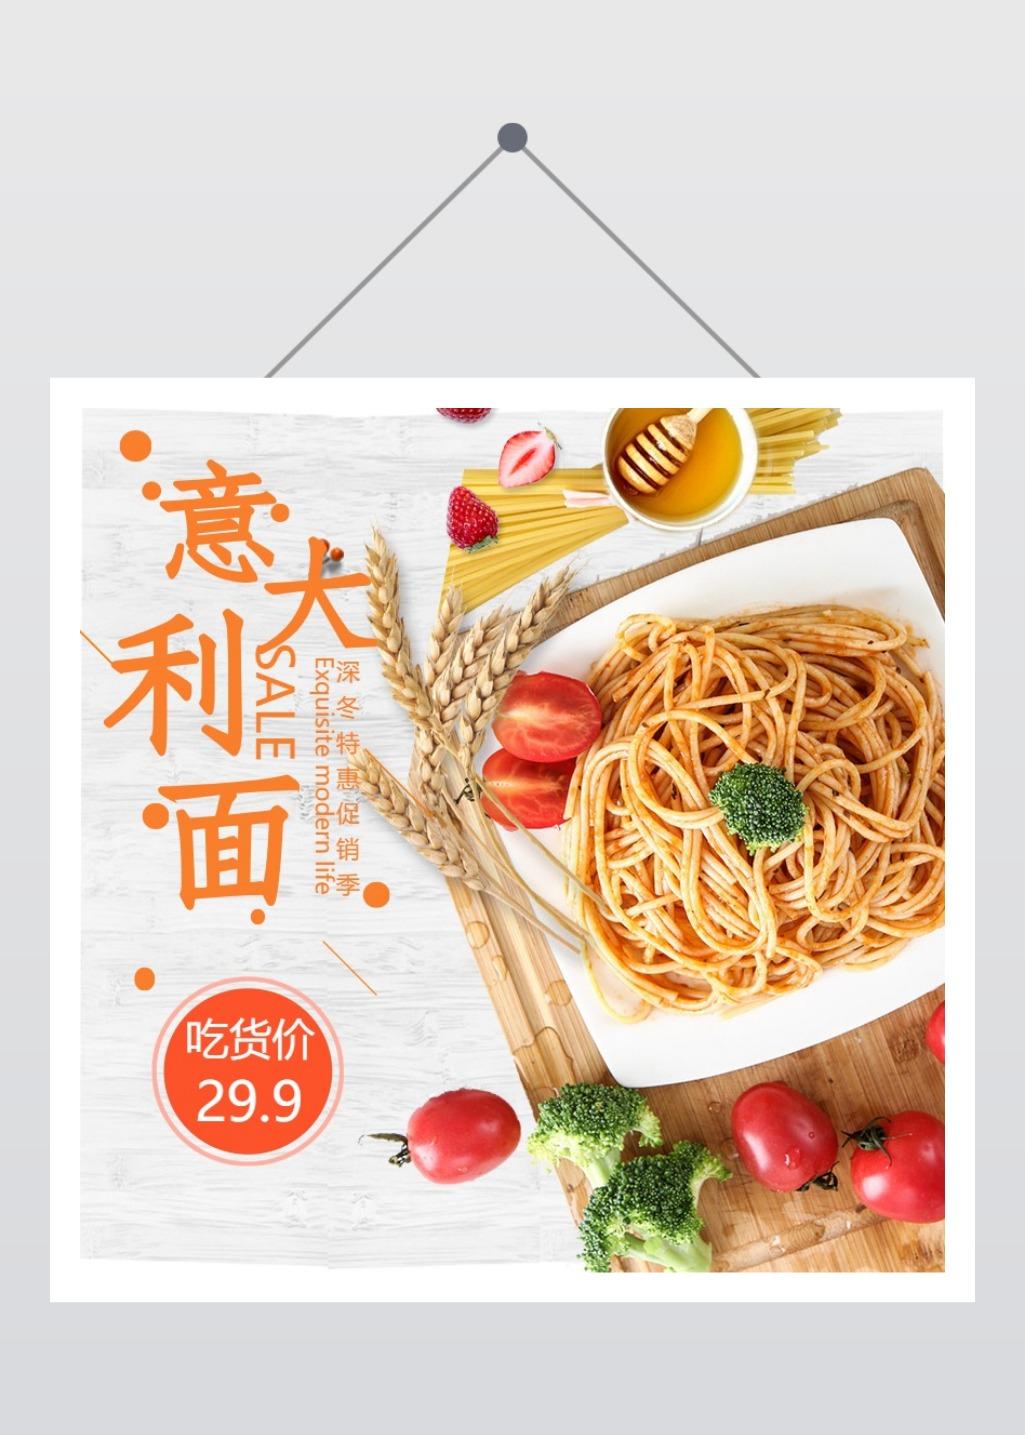 清新简约餐饮美食西餐意大利面推广电商主图